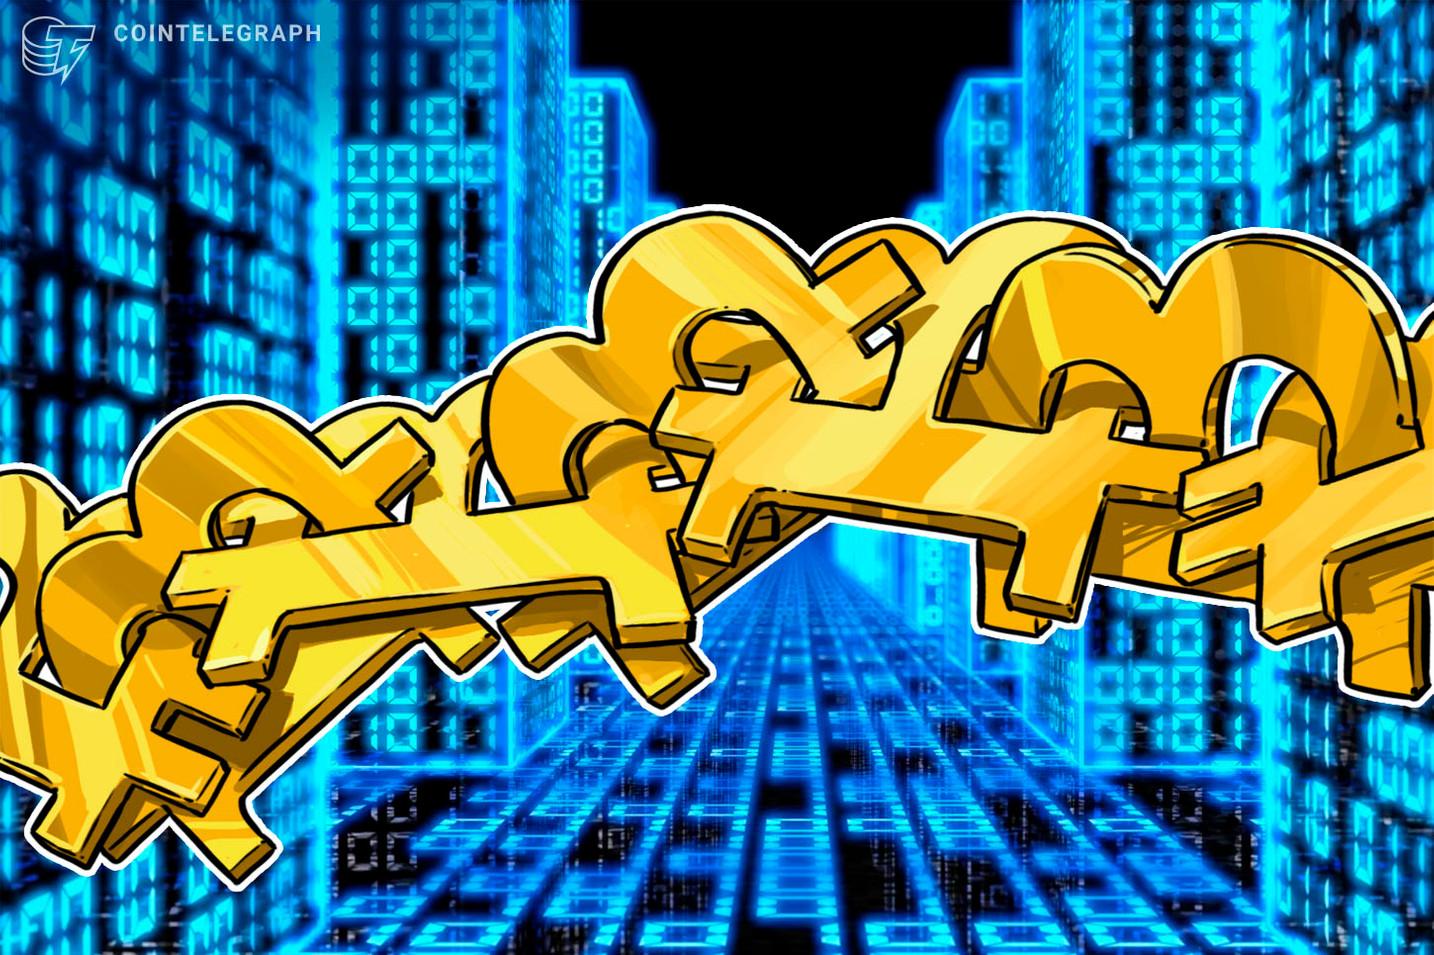 マイクロソフト、仮想通貨ビットコイン基盤の分散型ID管理システムをオープンソースで開発